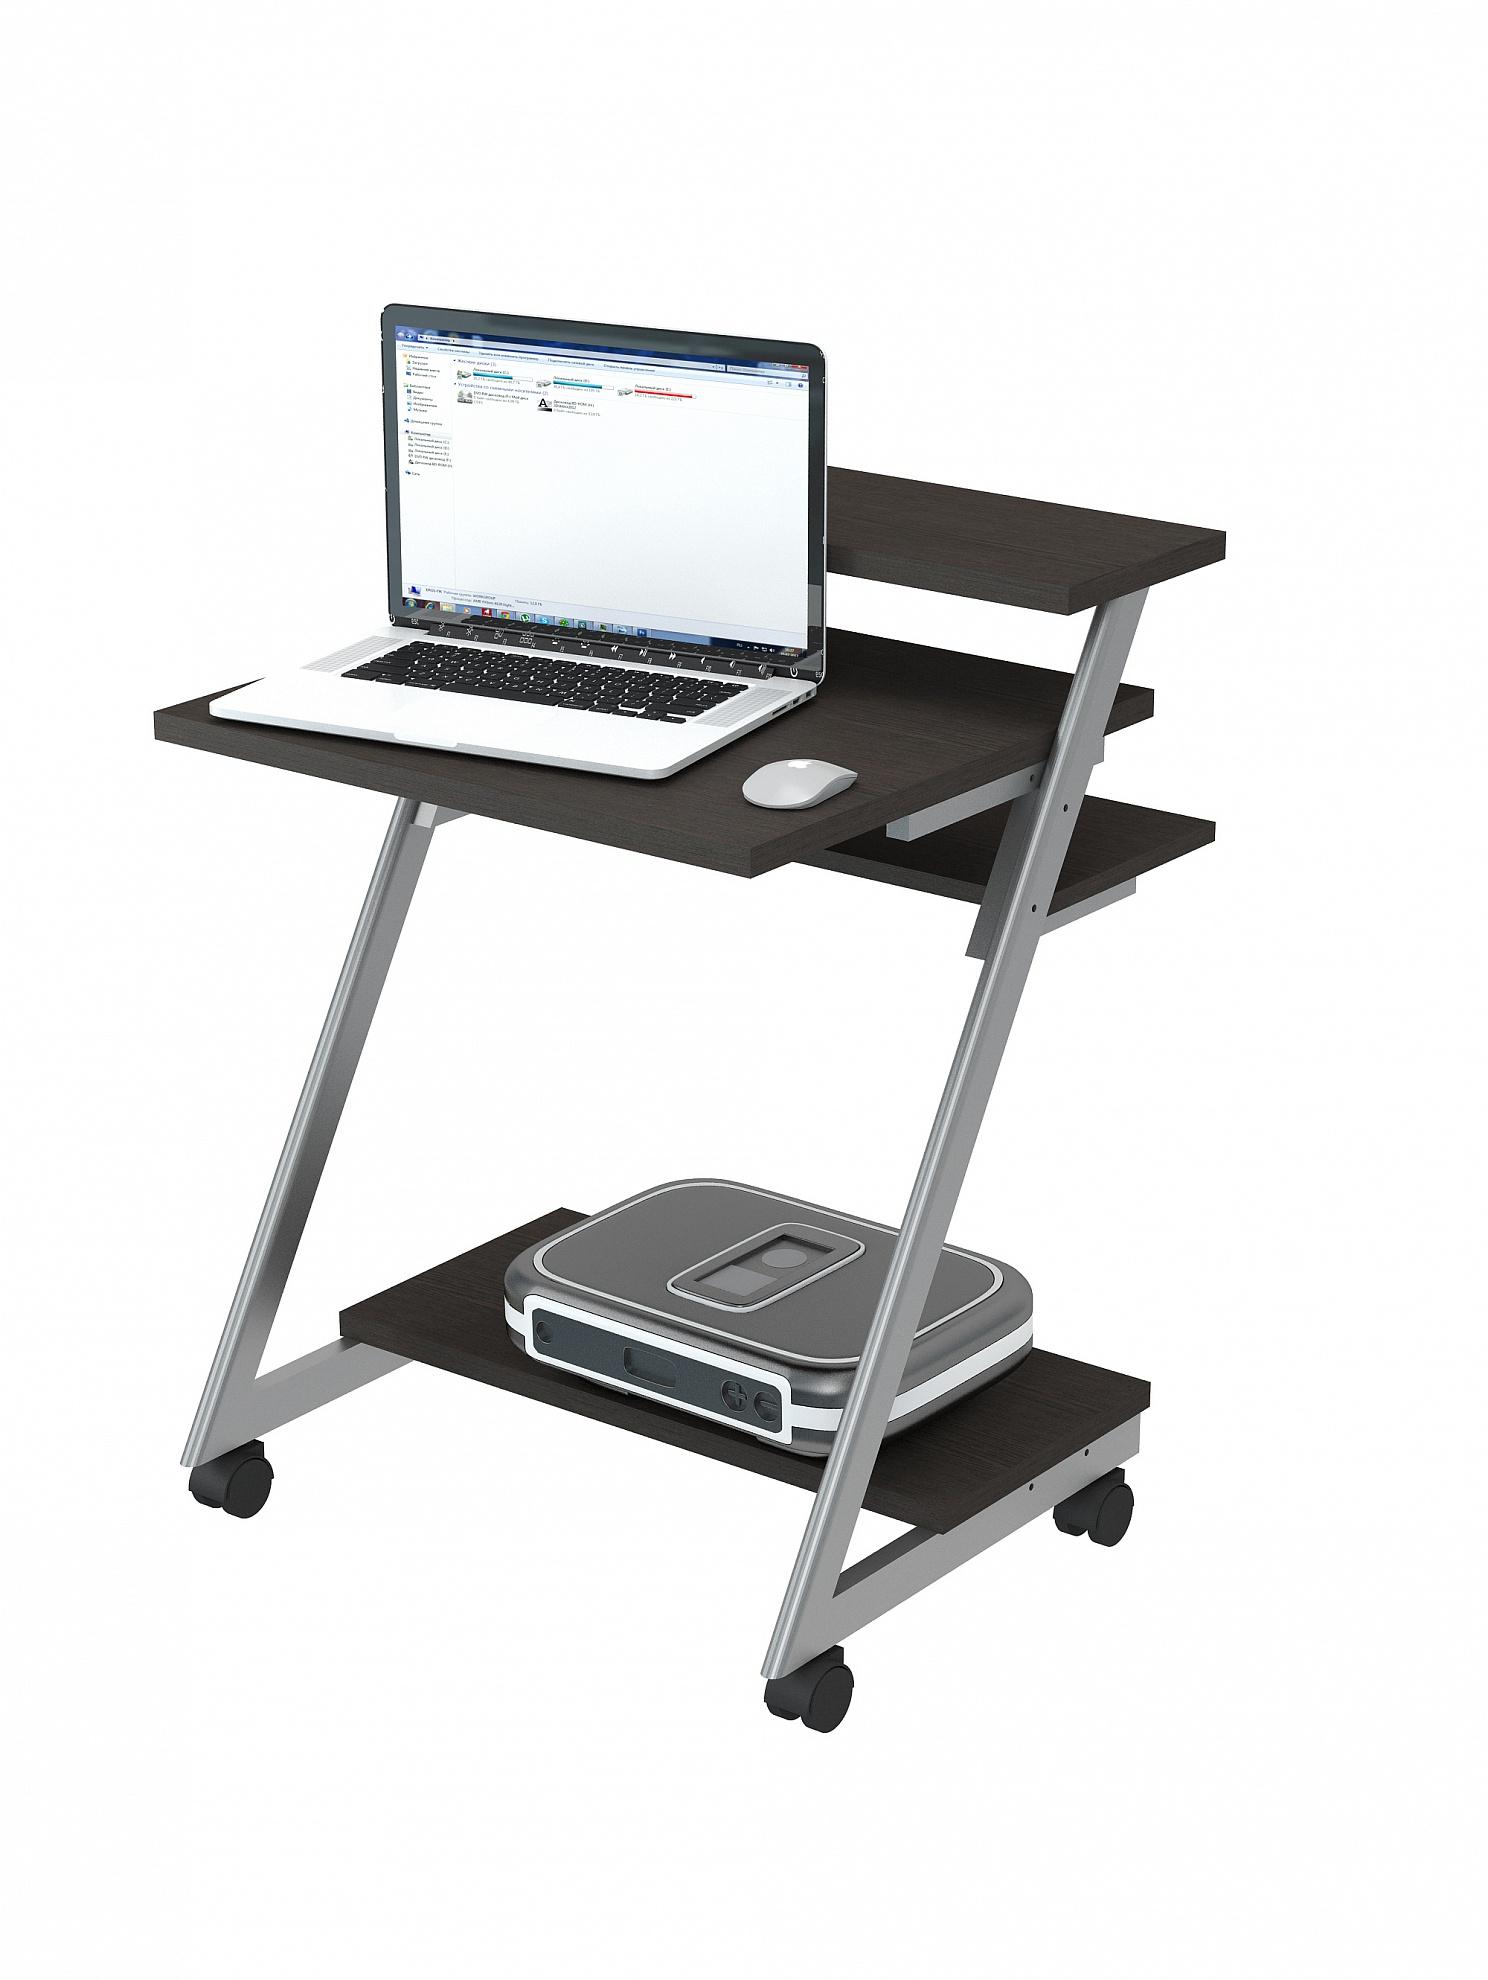 Компьютерный стол КС 20-33м3 как парашут в кс